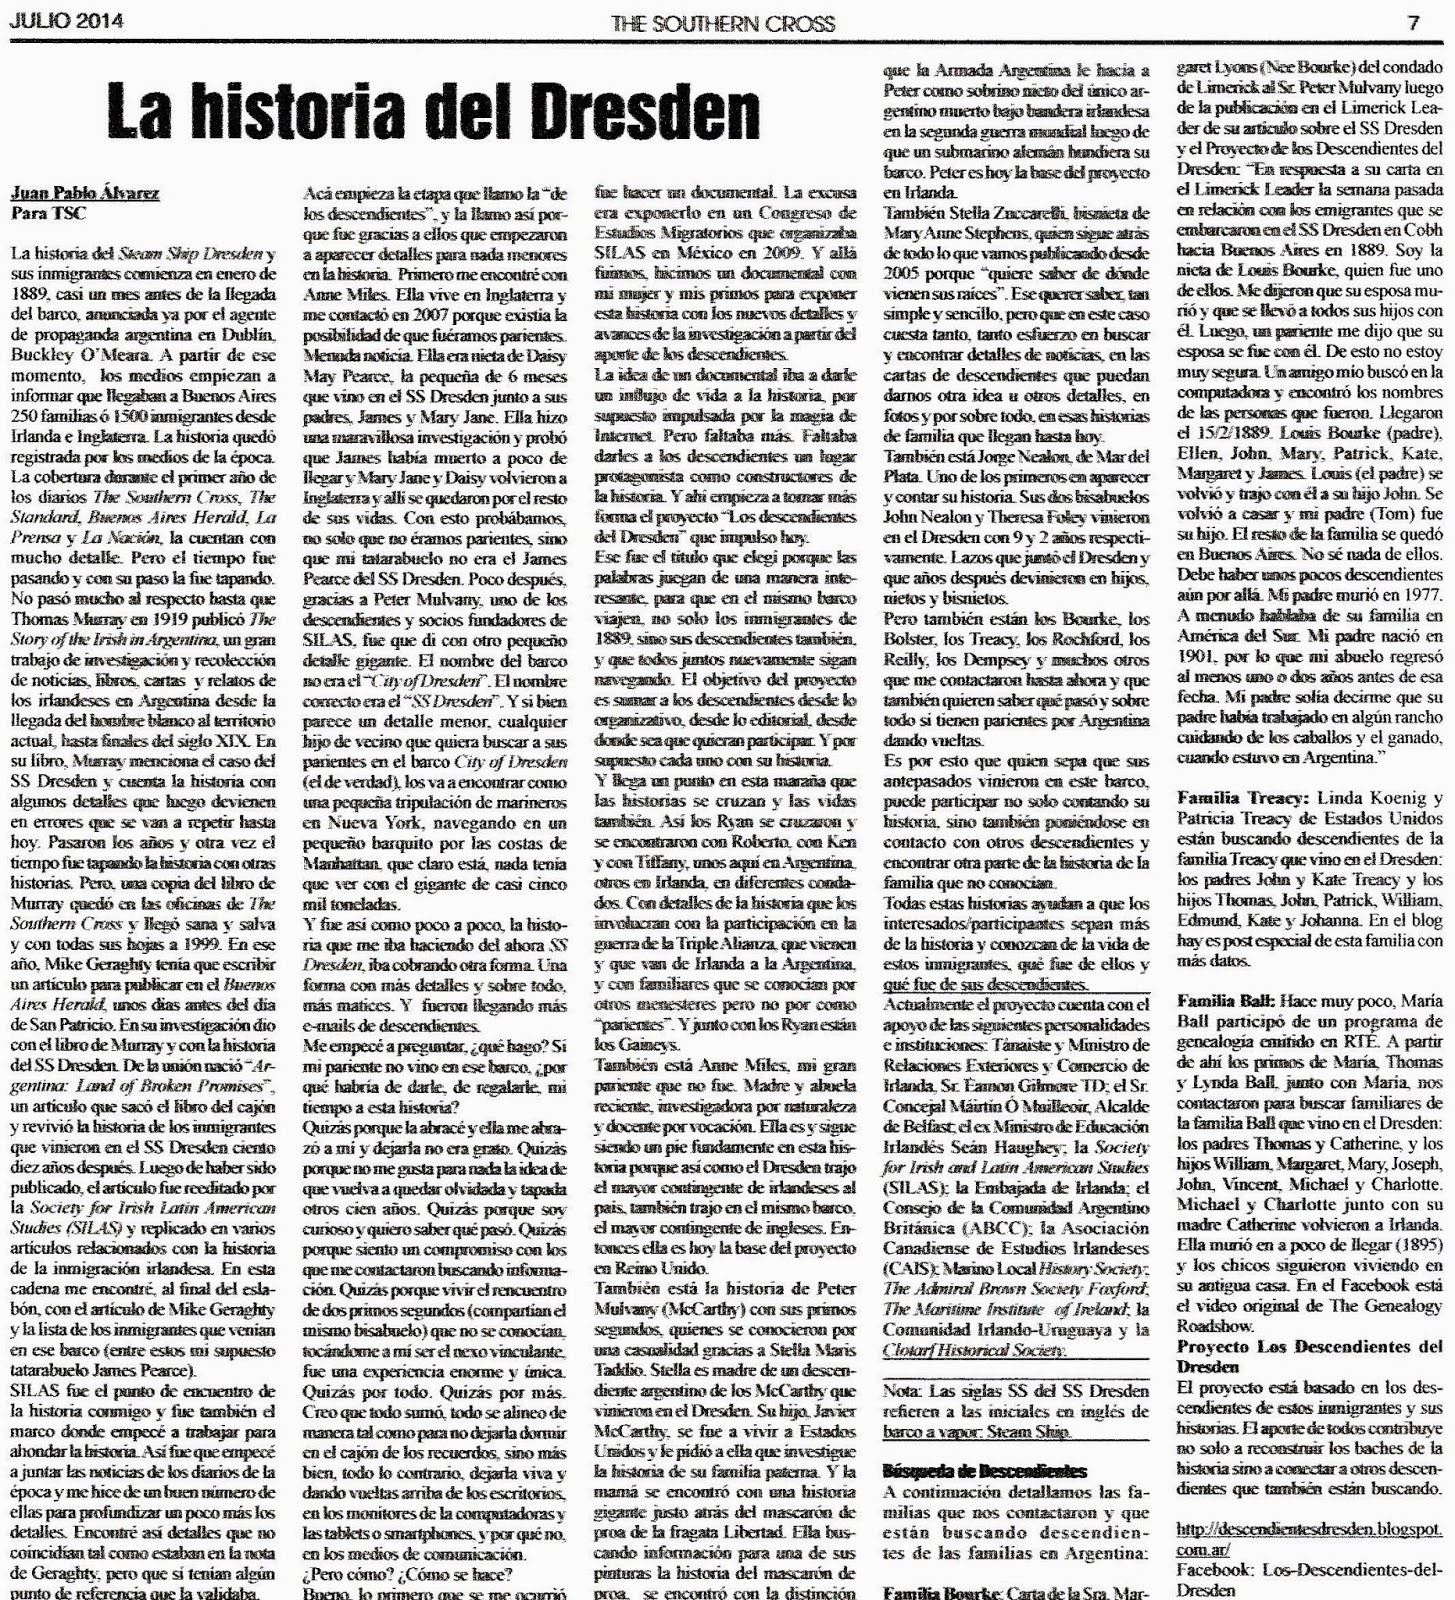 Los descendientes del Dresden: 2014